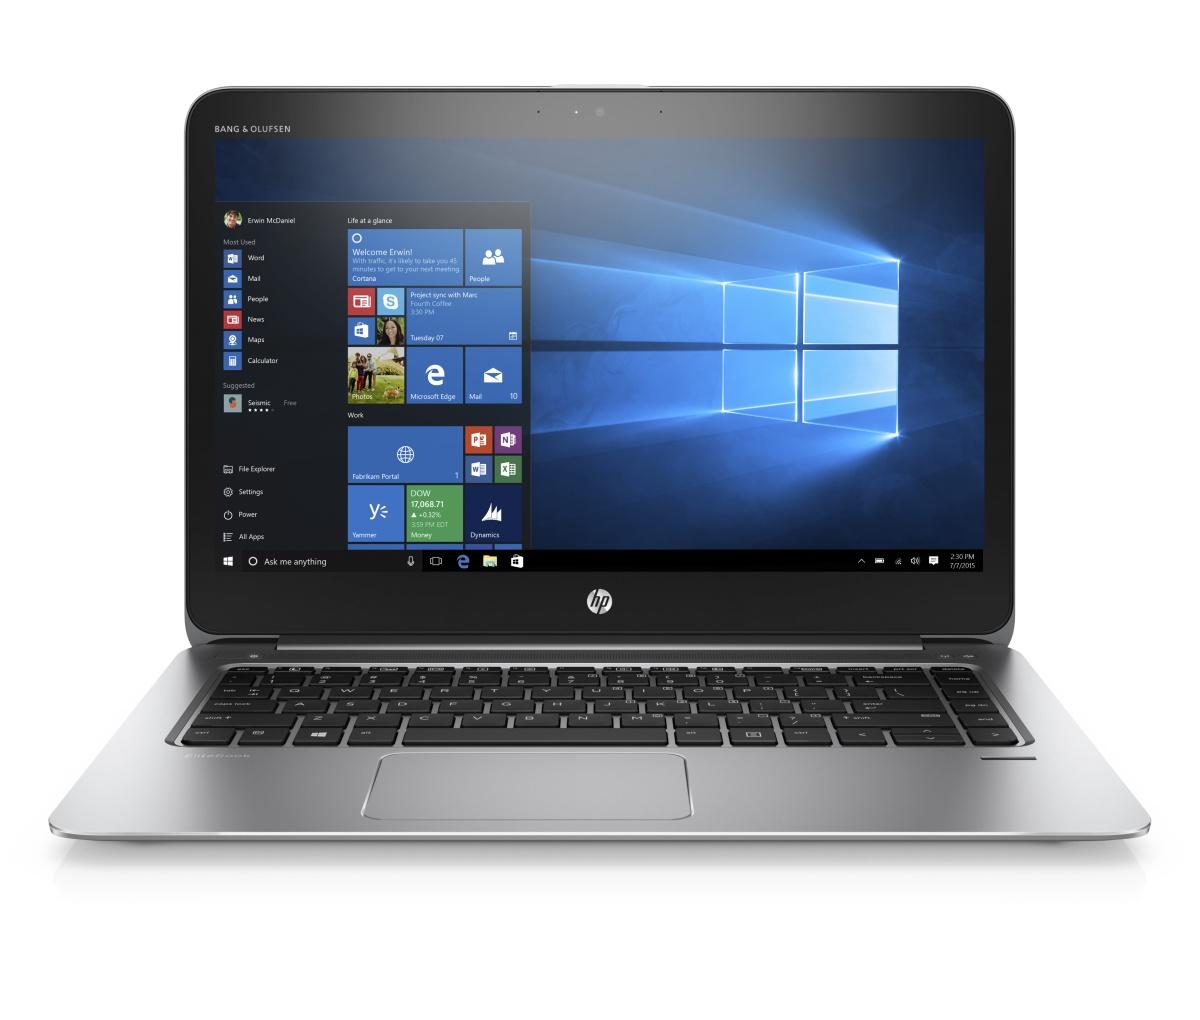 HP EliteBook Folio 1040 G3 i5-6200U /8 GB/256GB SSD/14'' FHD/backlit keyb, NFC, RJ45-VGA adapt / Win 10 Pro + Win7 Pro